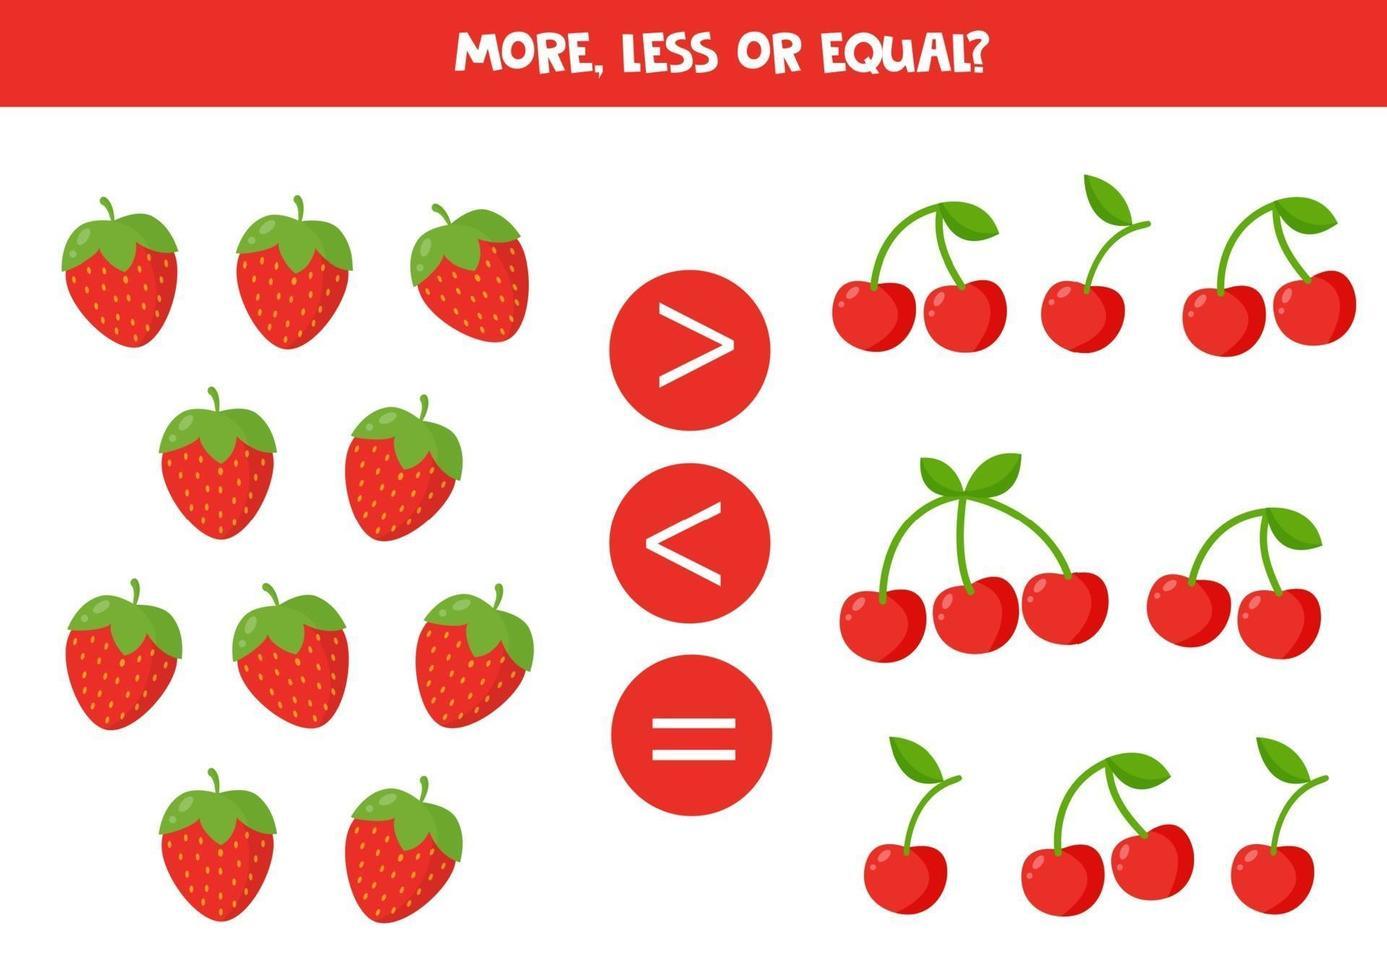 tel alle aardbeien en kersen. vergelijk cijfers. vector